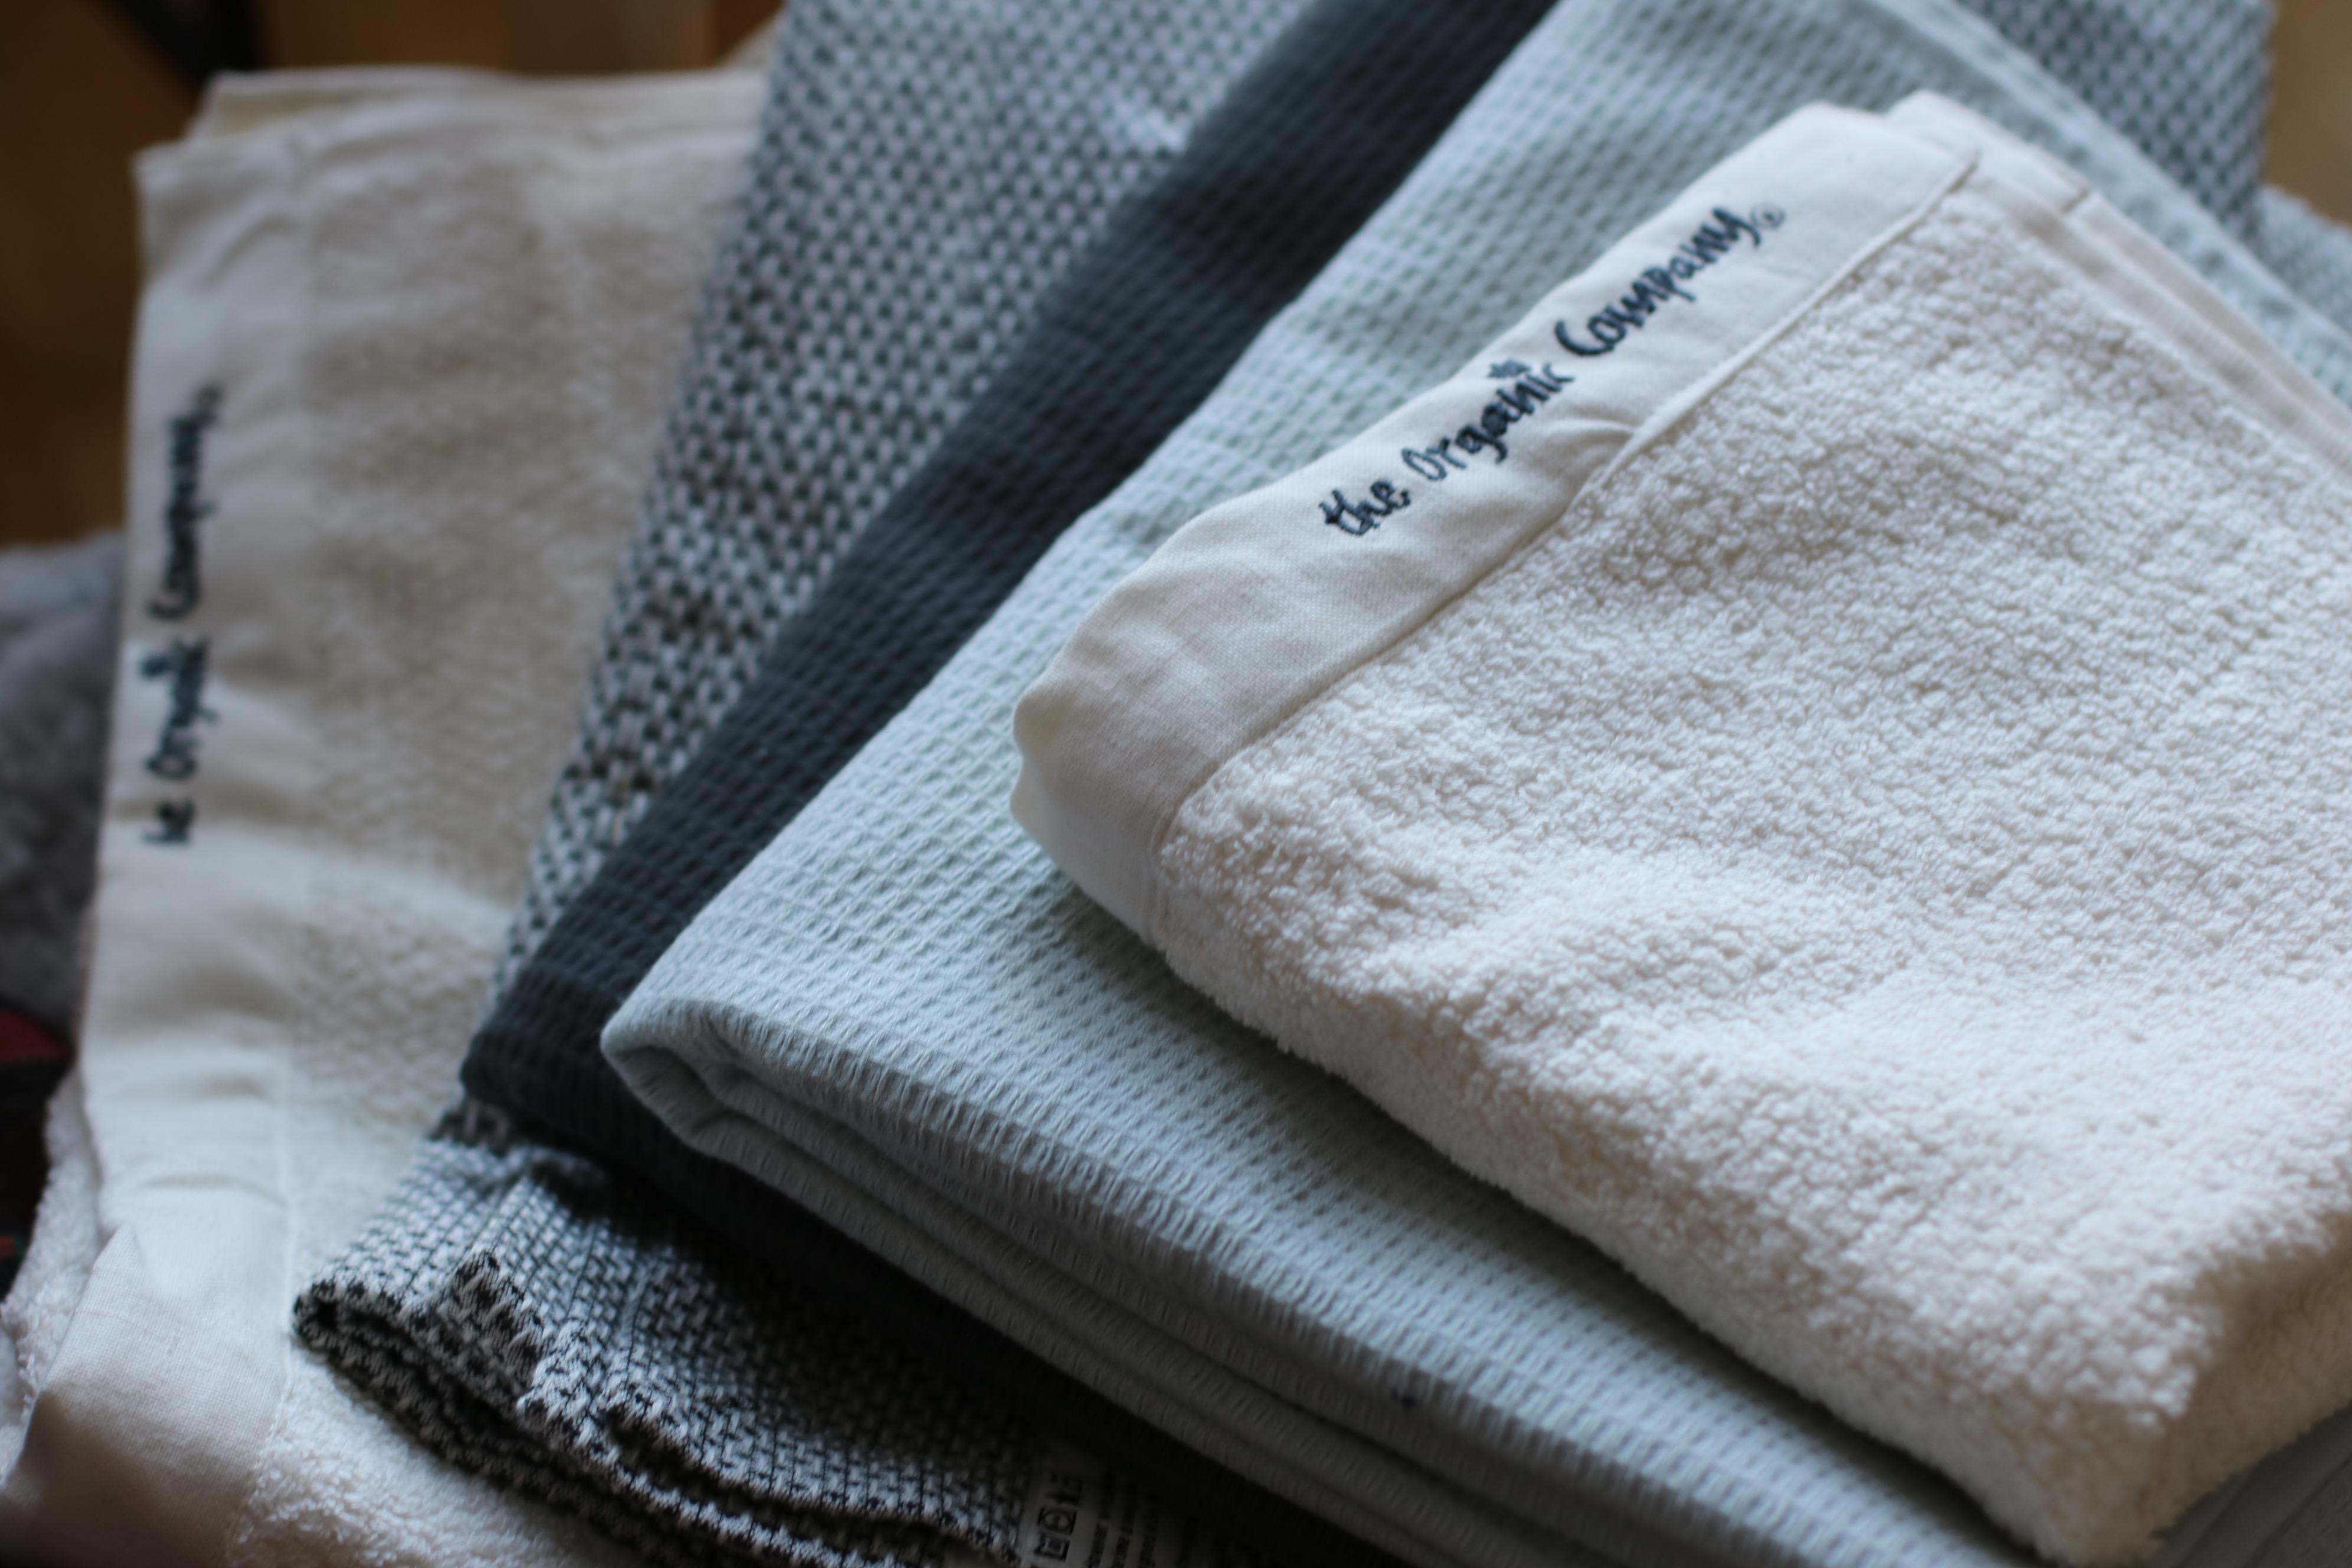 Ekologiska handdukar från The Organic Company 792b859cdbe09